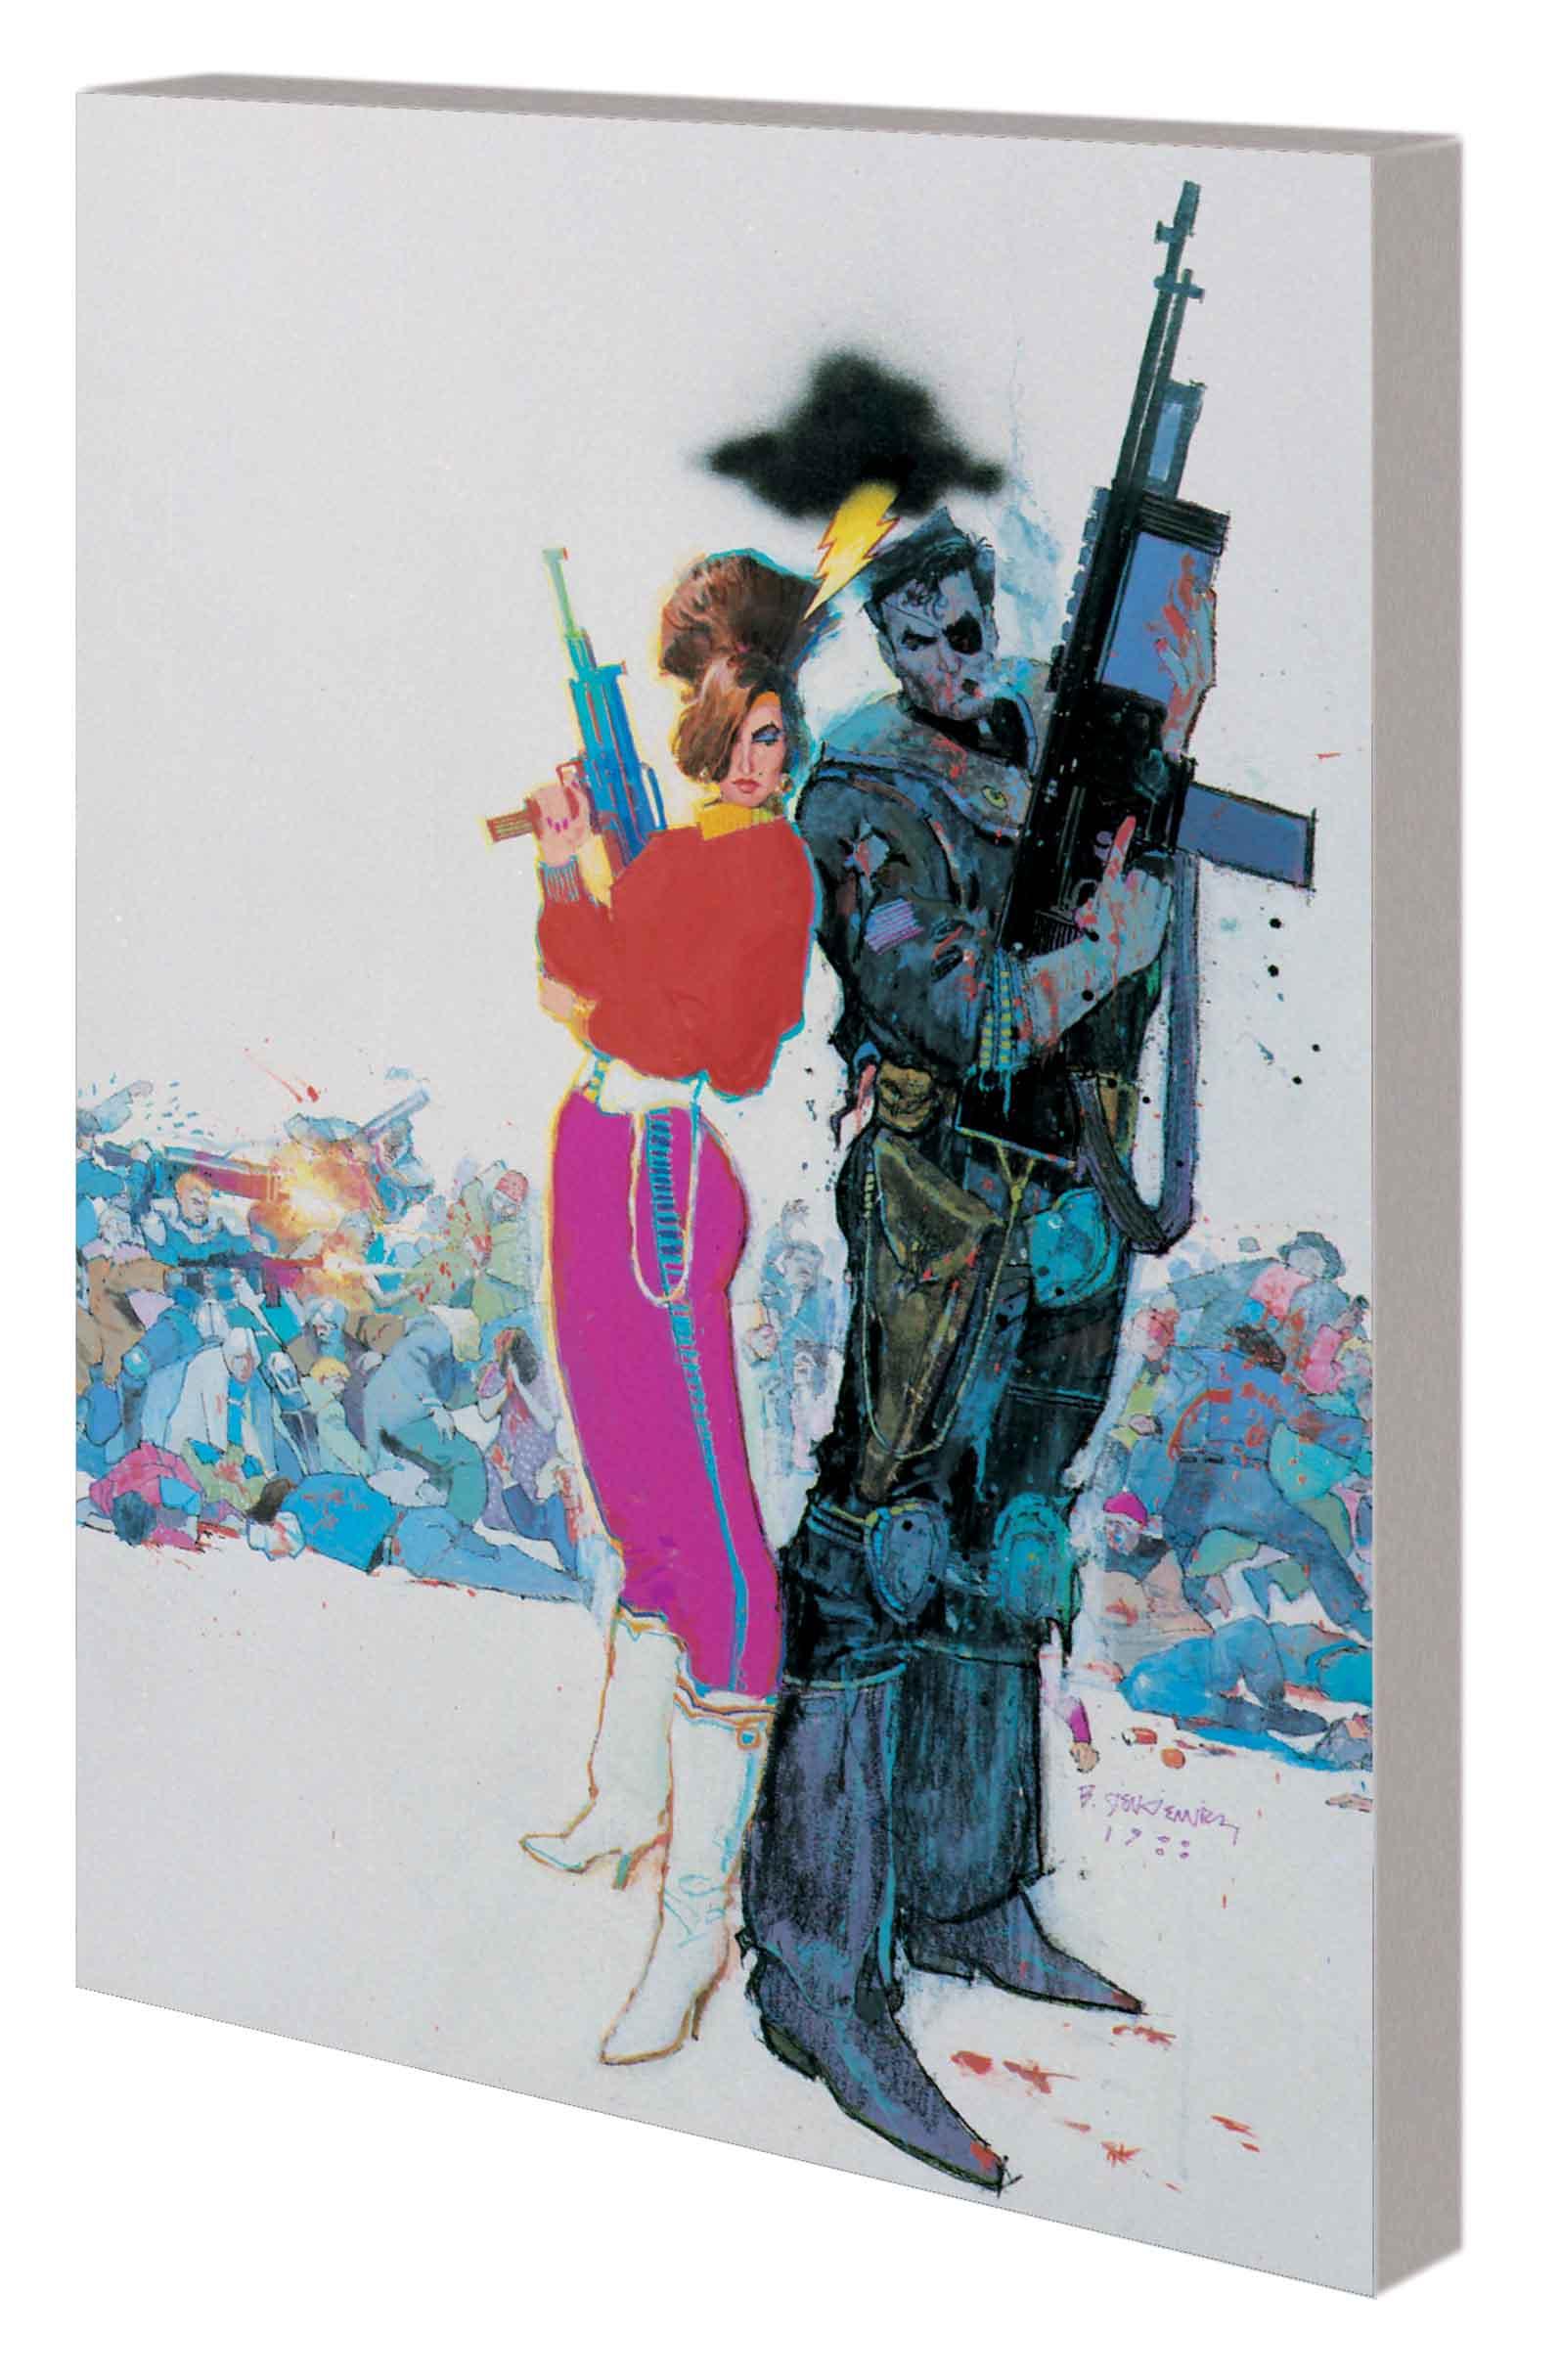 S.H.I.E.L.D.: NICK FURY VS. S.H.I.E.L.D. TPB (NEW PRINTING) (Trade Paperback)